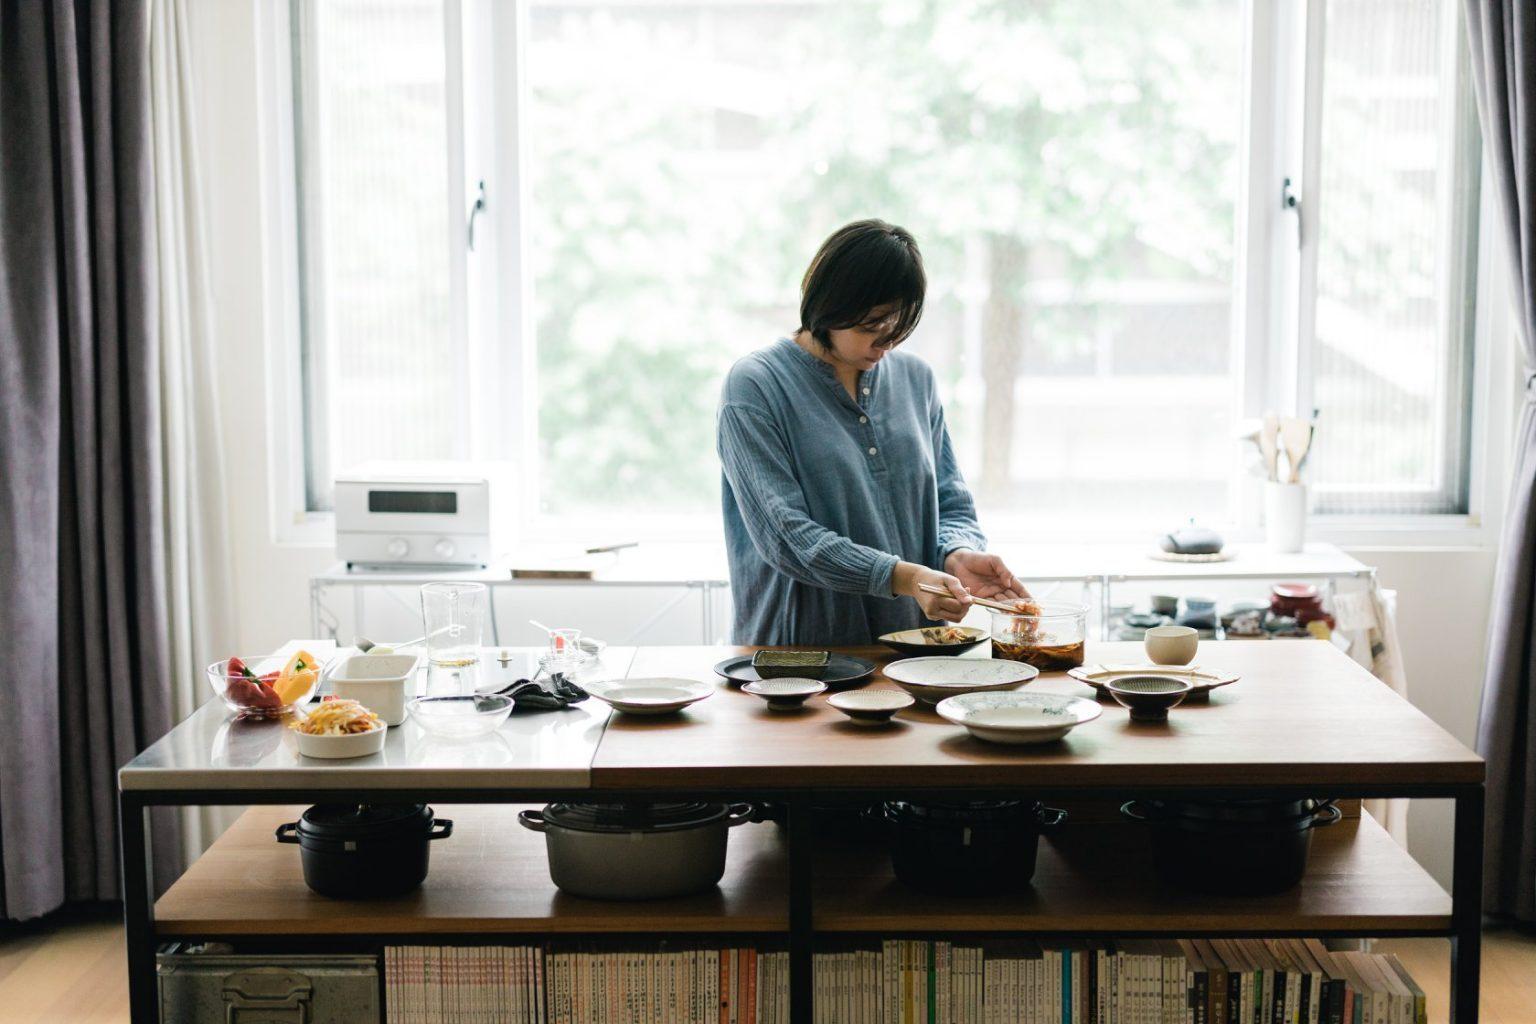 職人專欄|不只Co-working 一起Co-cooking 朝井家 給在家工作者的食譜提案